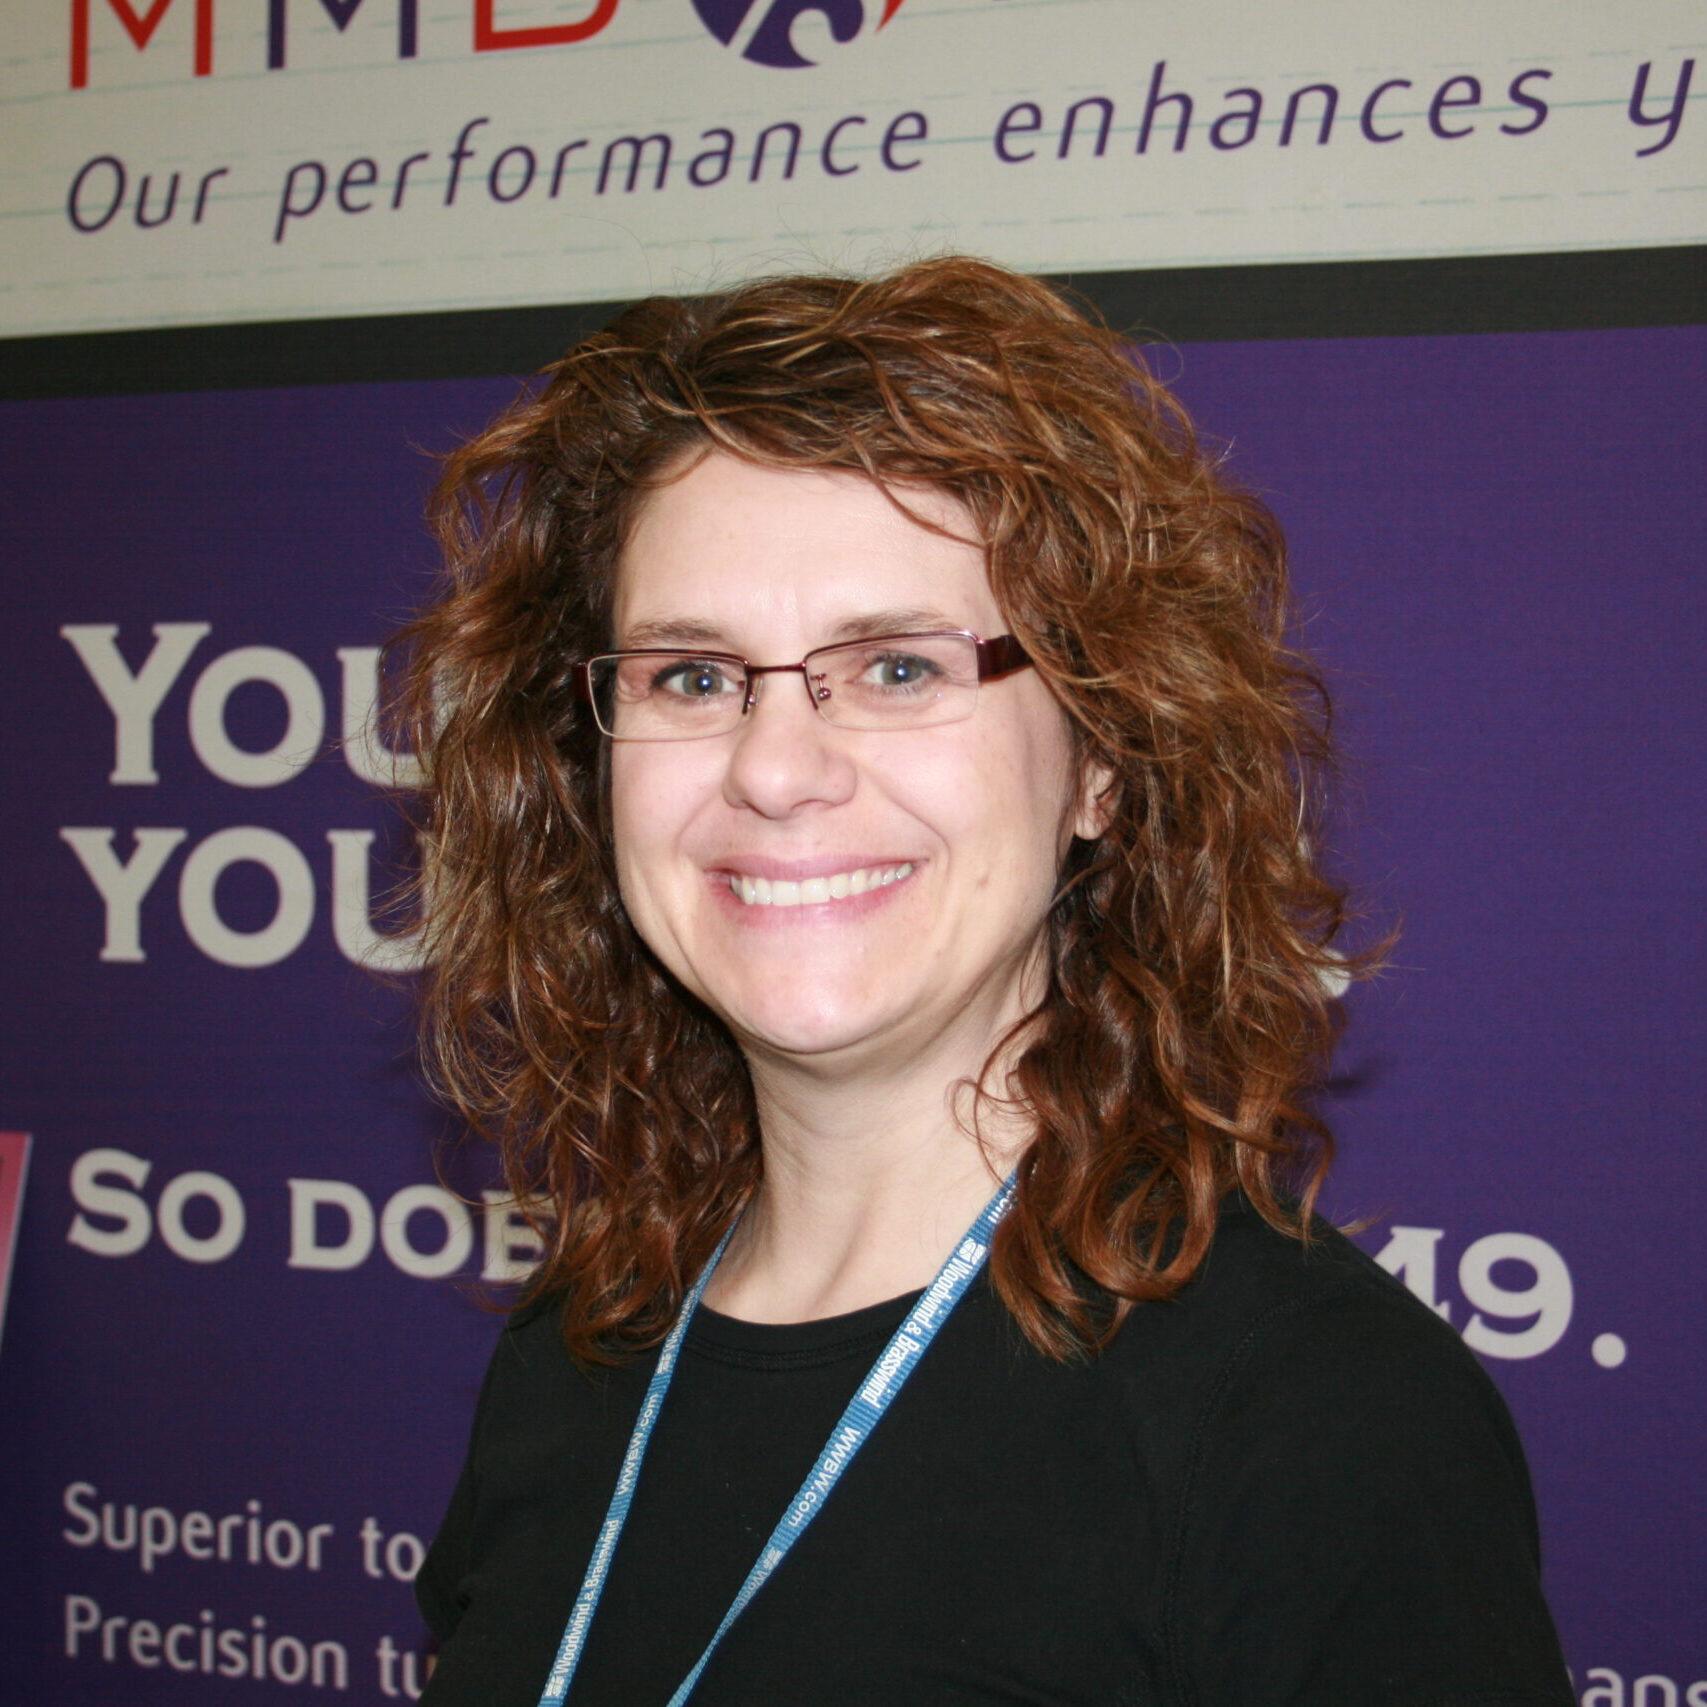 Lisa Rumak